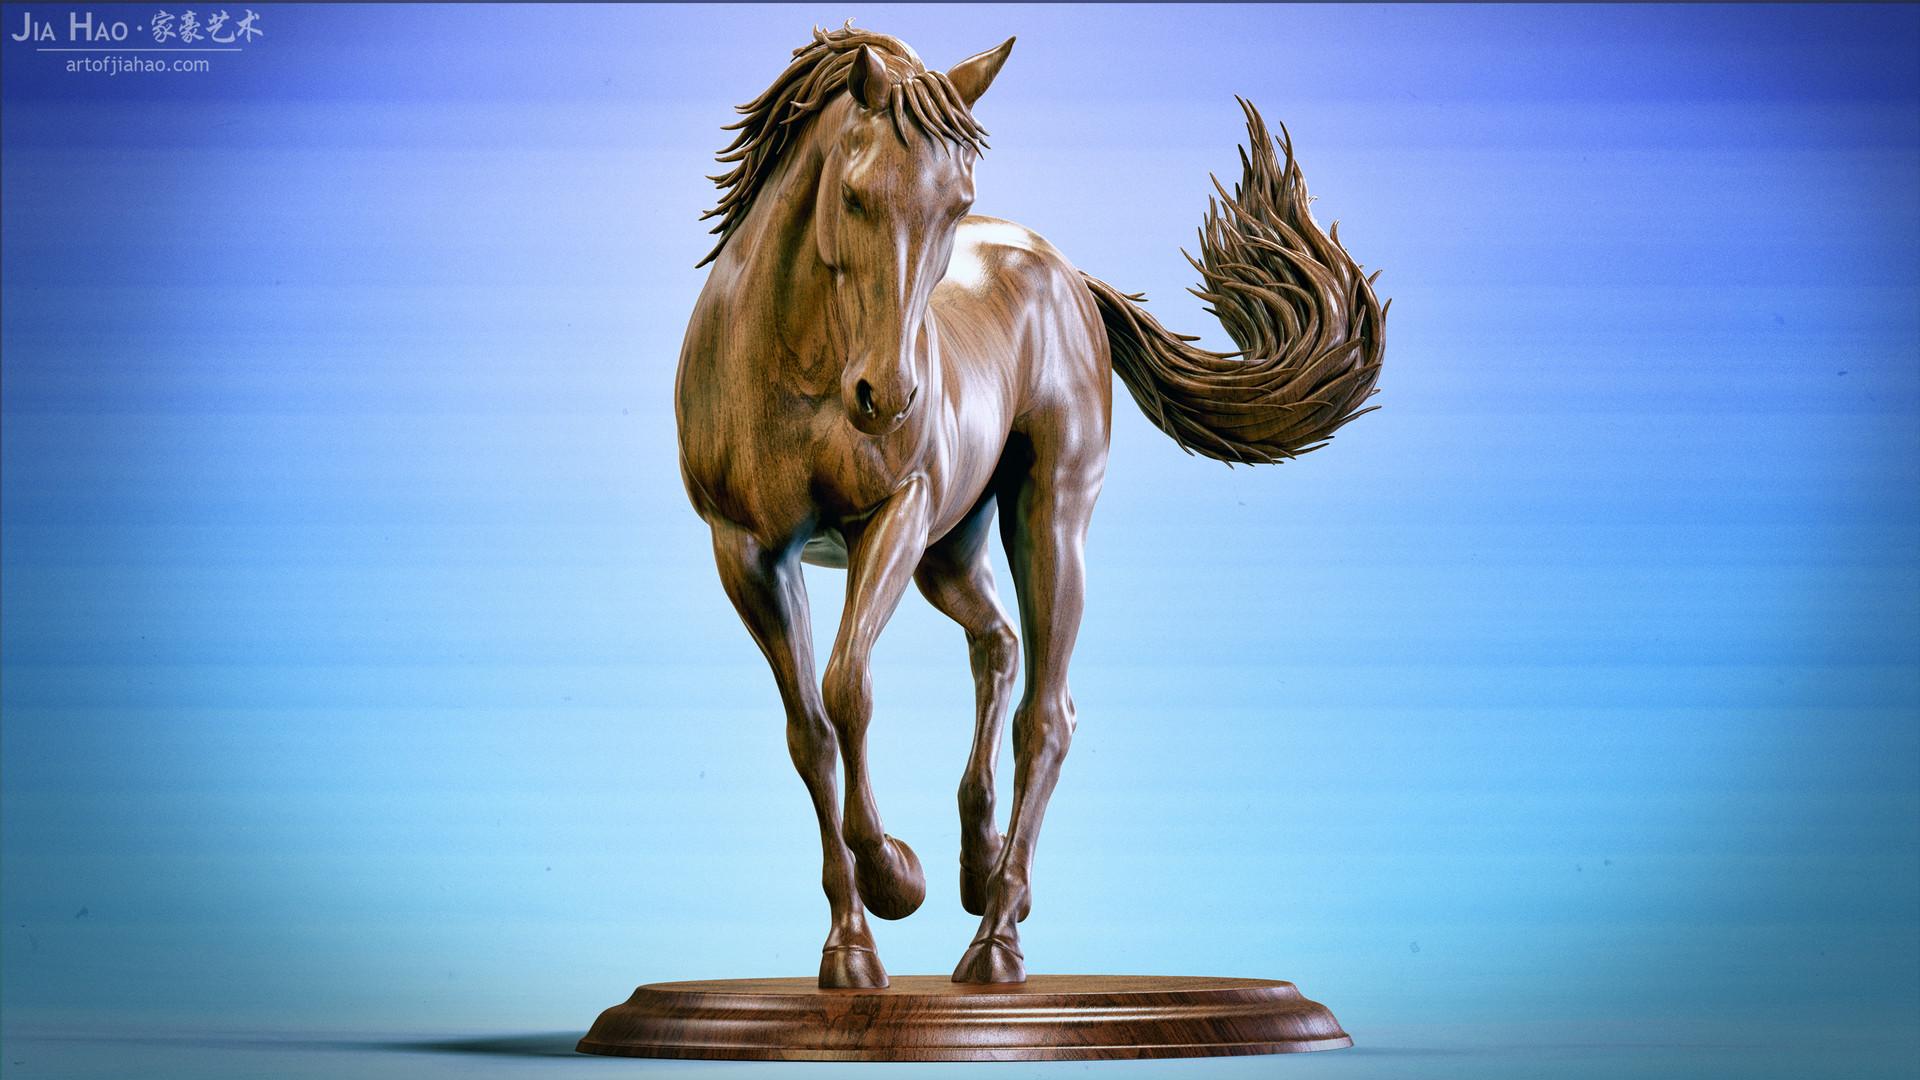 Jia hao horse sculpture comp wood 01